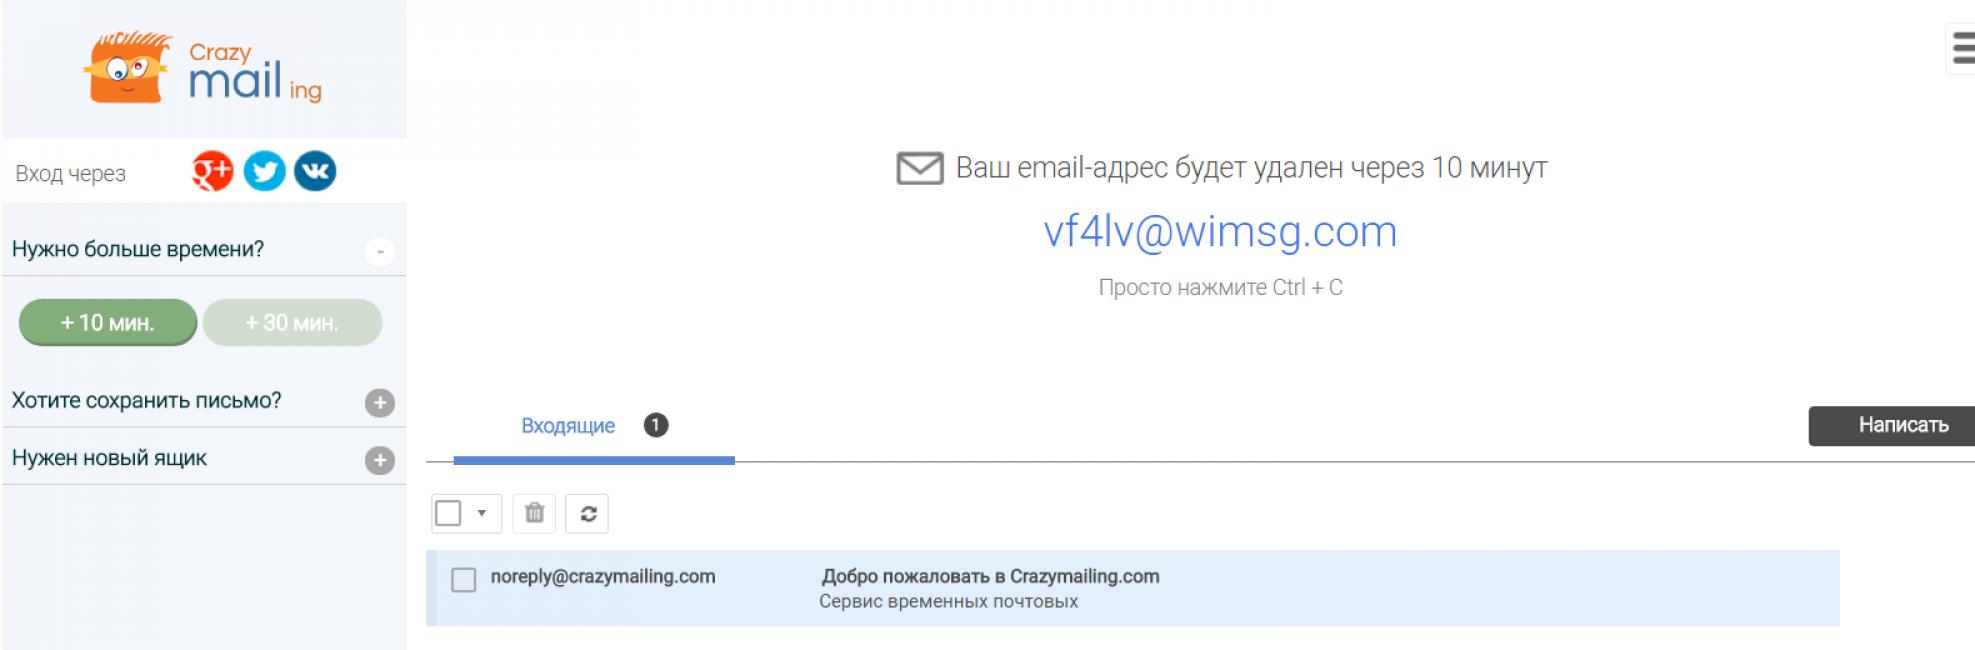 Так выглядит интерфейс Crazymailing